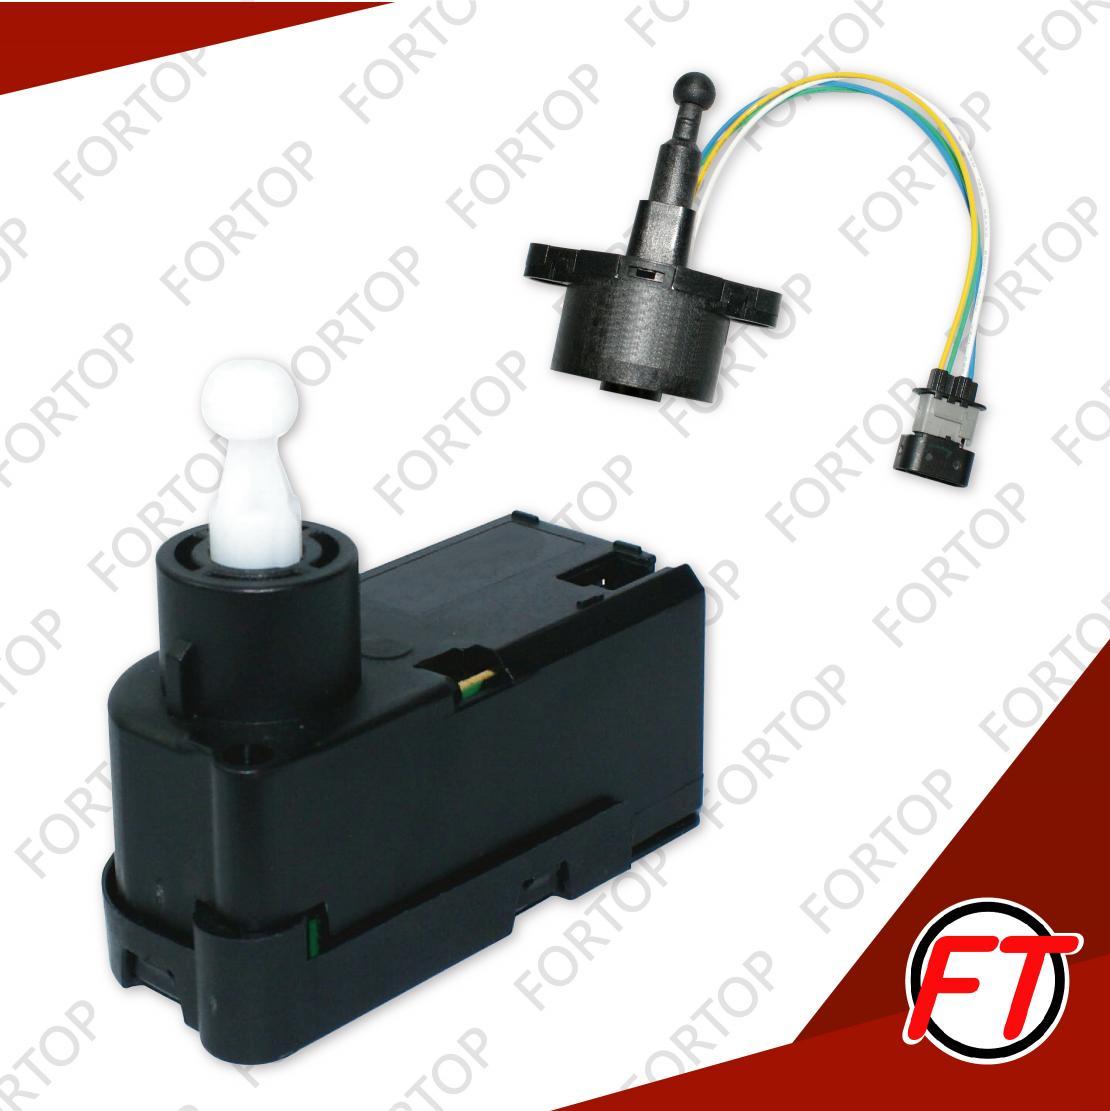 富添工業股份有限公司 - EZB2B taiwan machine tools & autoparts & plastic mold die - 雷斯媒體